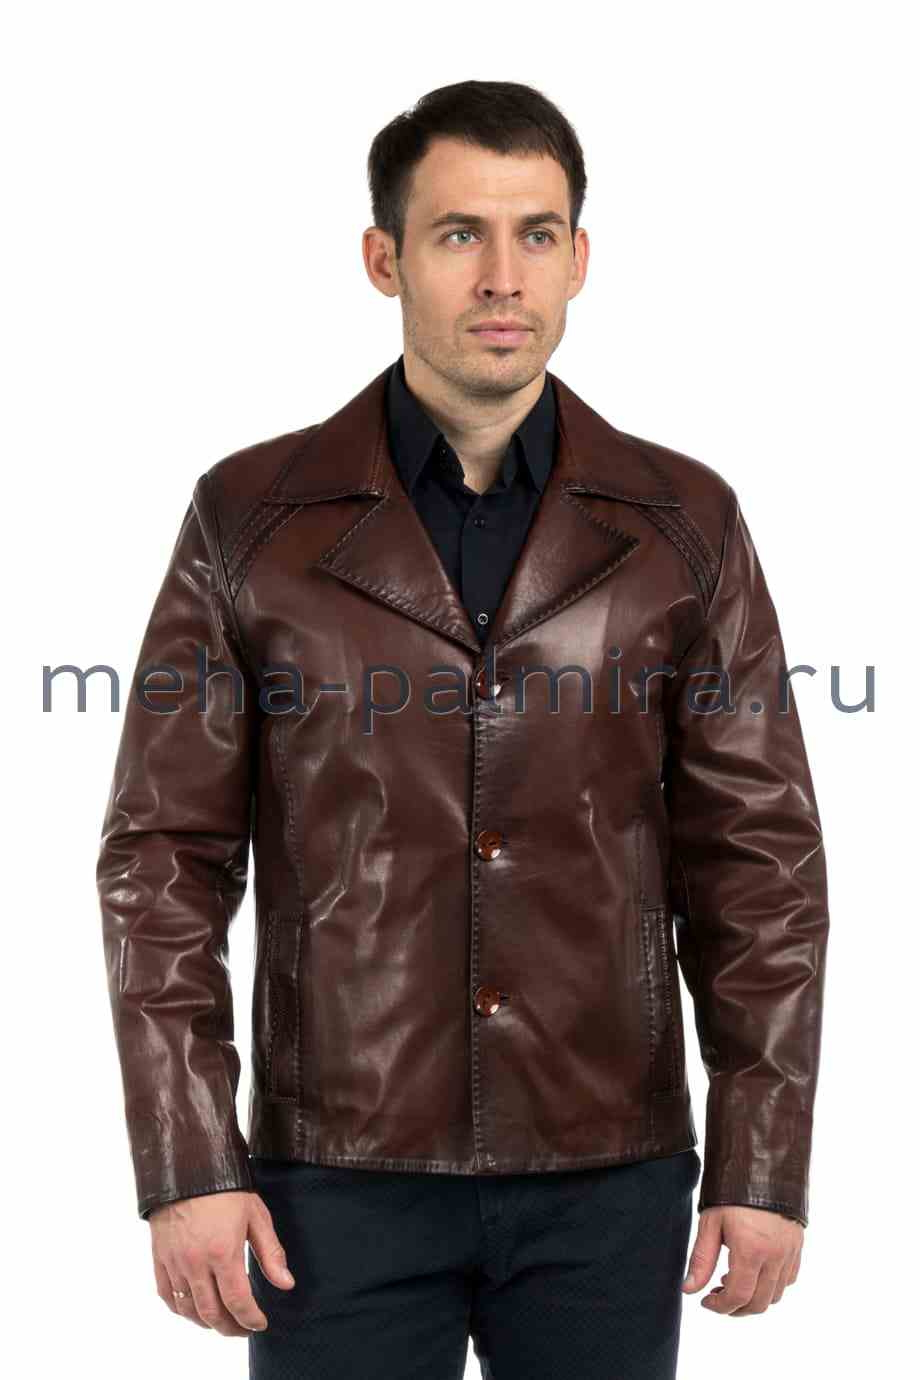 Мужская кожаная куртка на пуговицах с отложным воротником